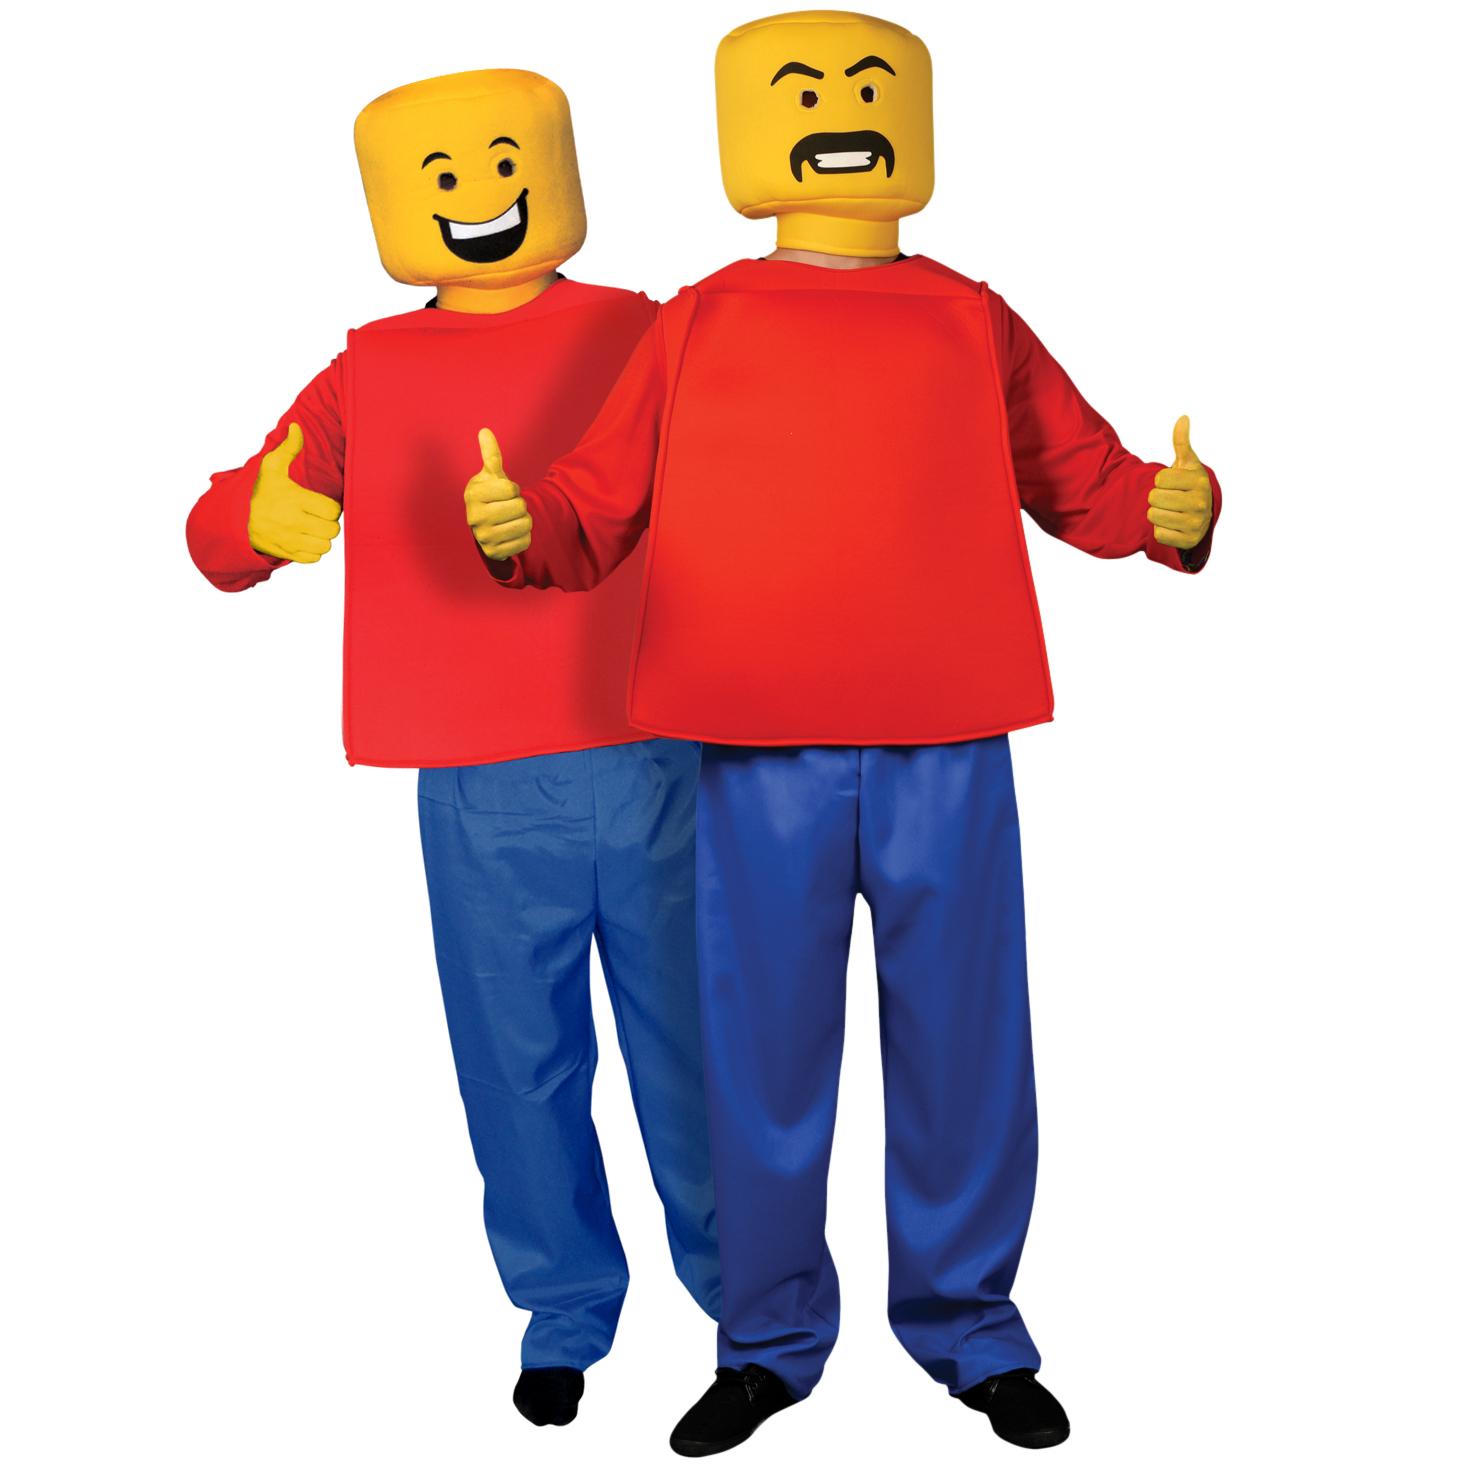 D guisement lego avec ce costume insolite devenez un petit bonhomme lego avec une belle t te - Deguisement tete de lego ...